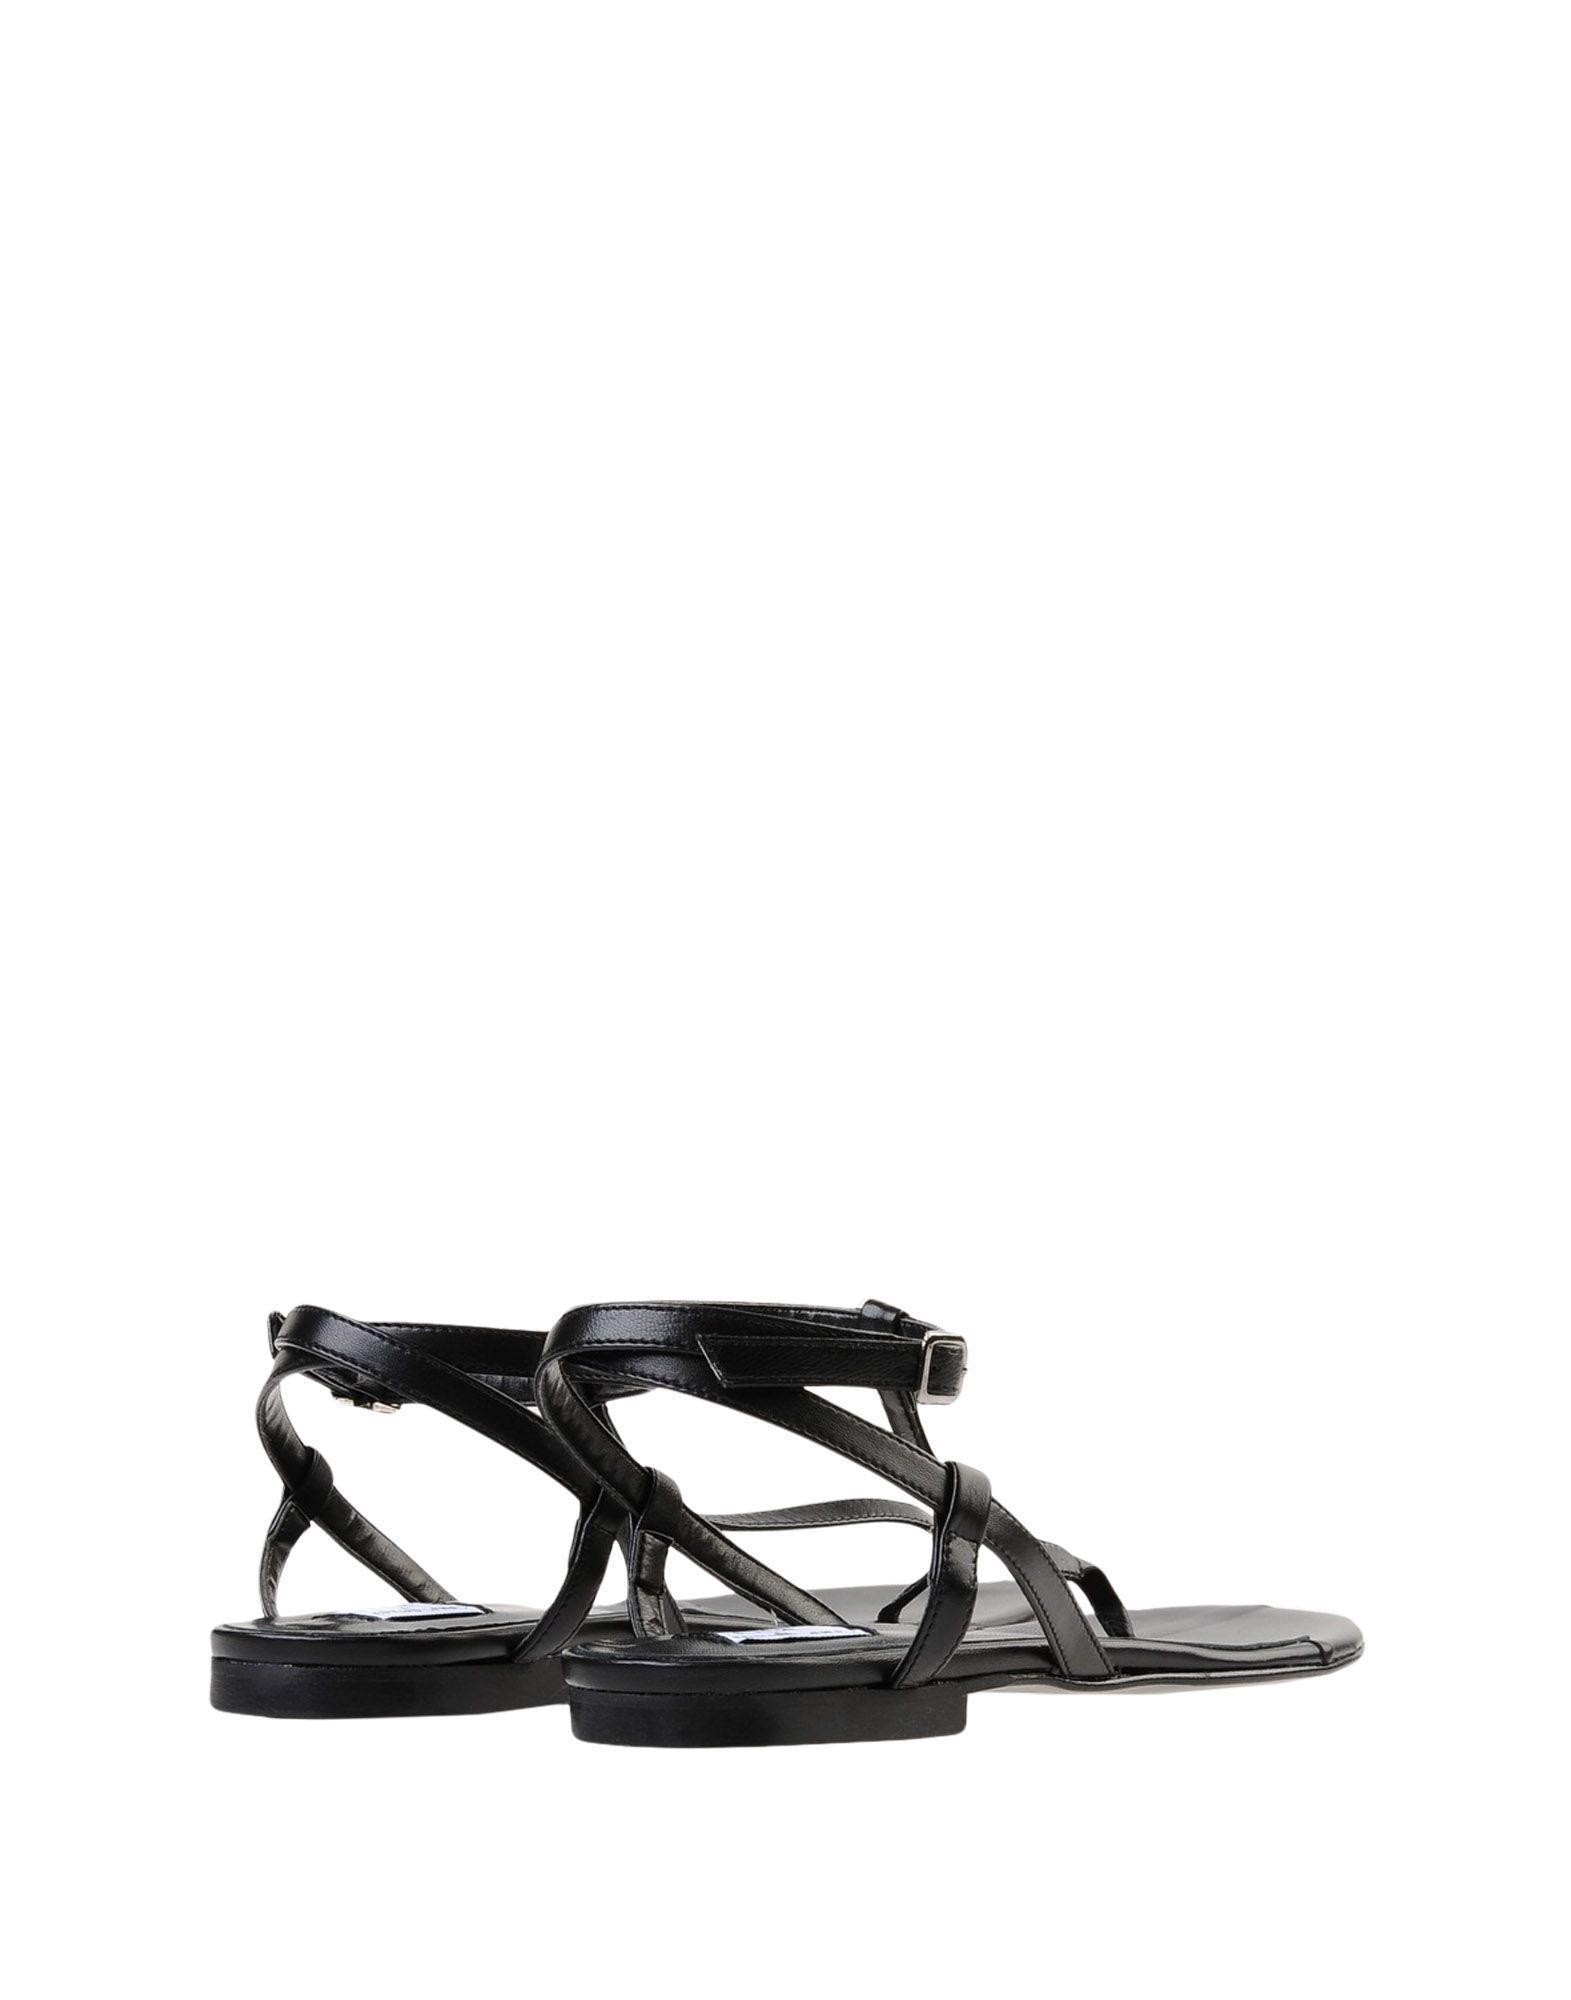 FOOTWEAR - Toe post sandals Jolie By Edward Spiers 5UgMaT28M